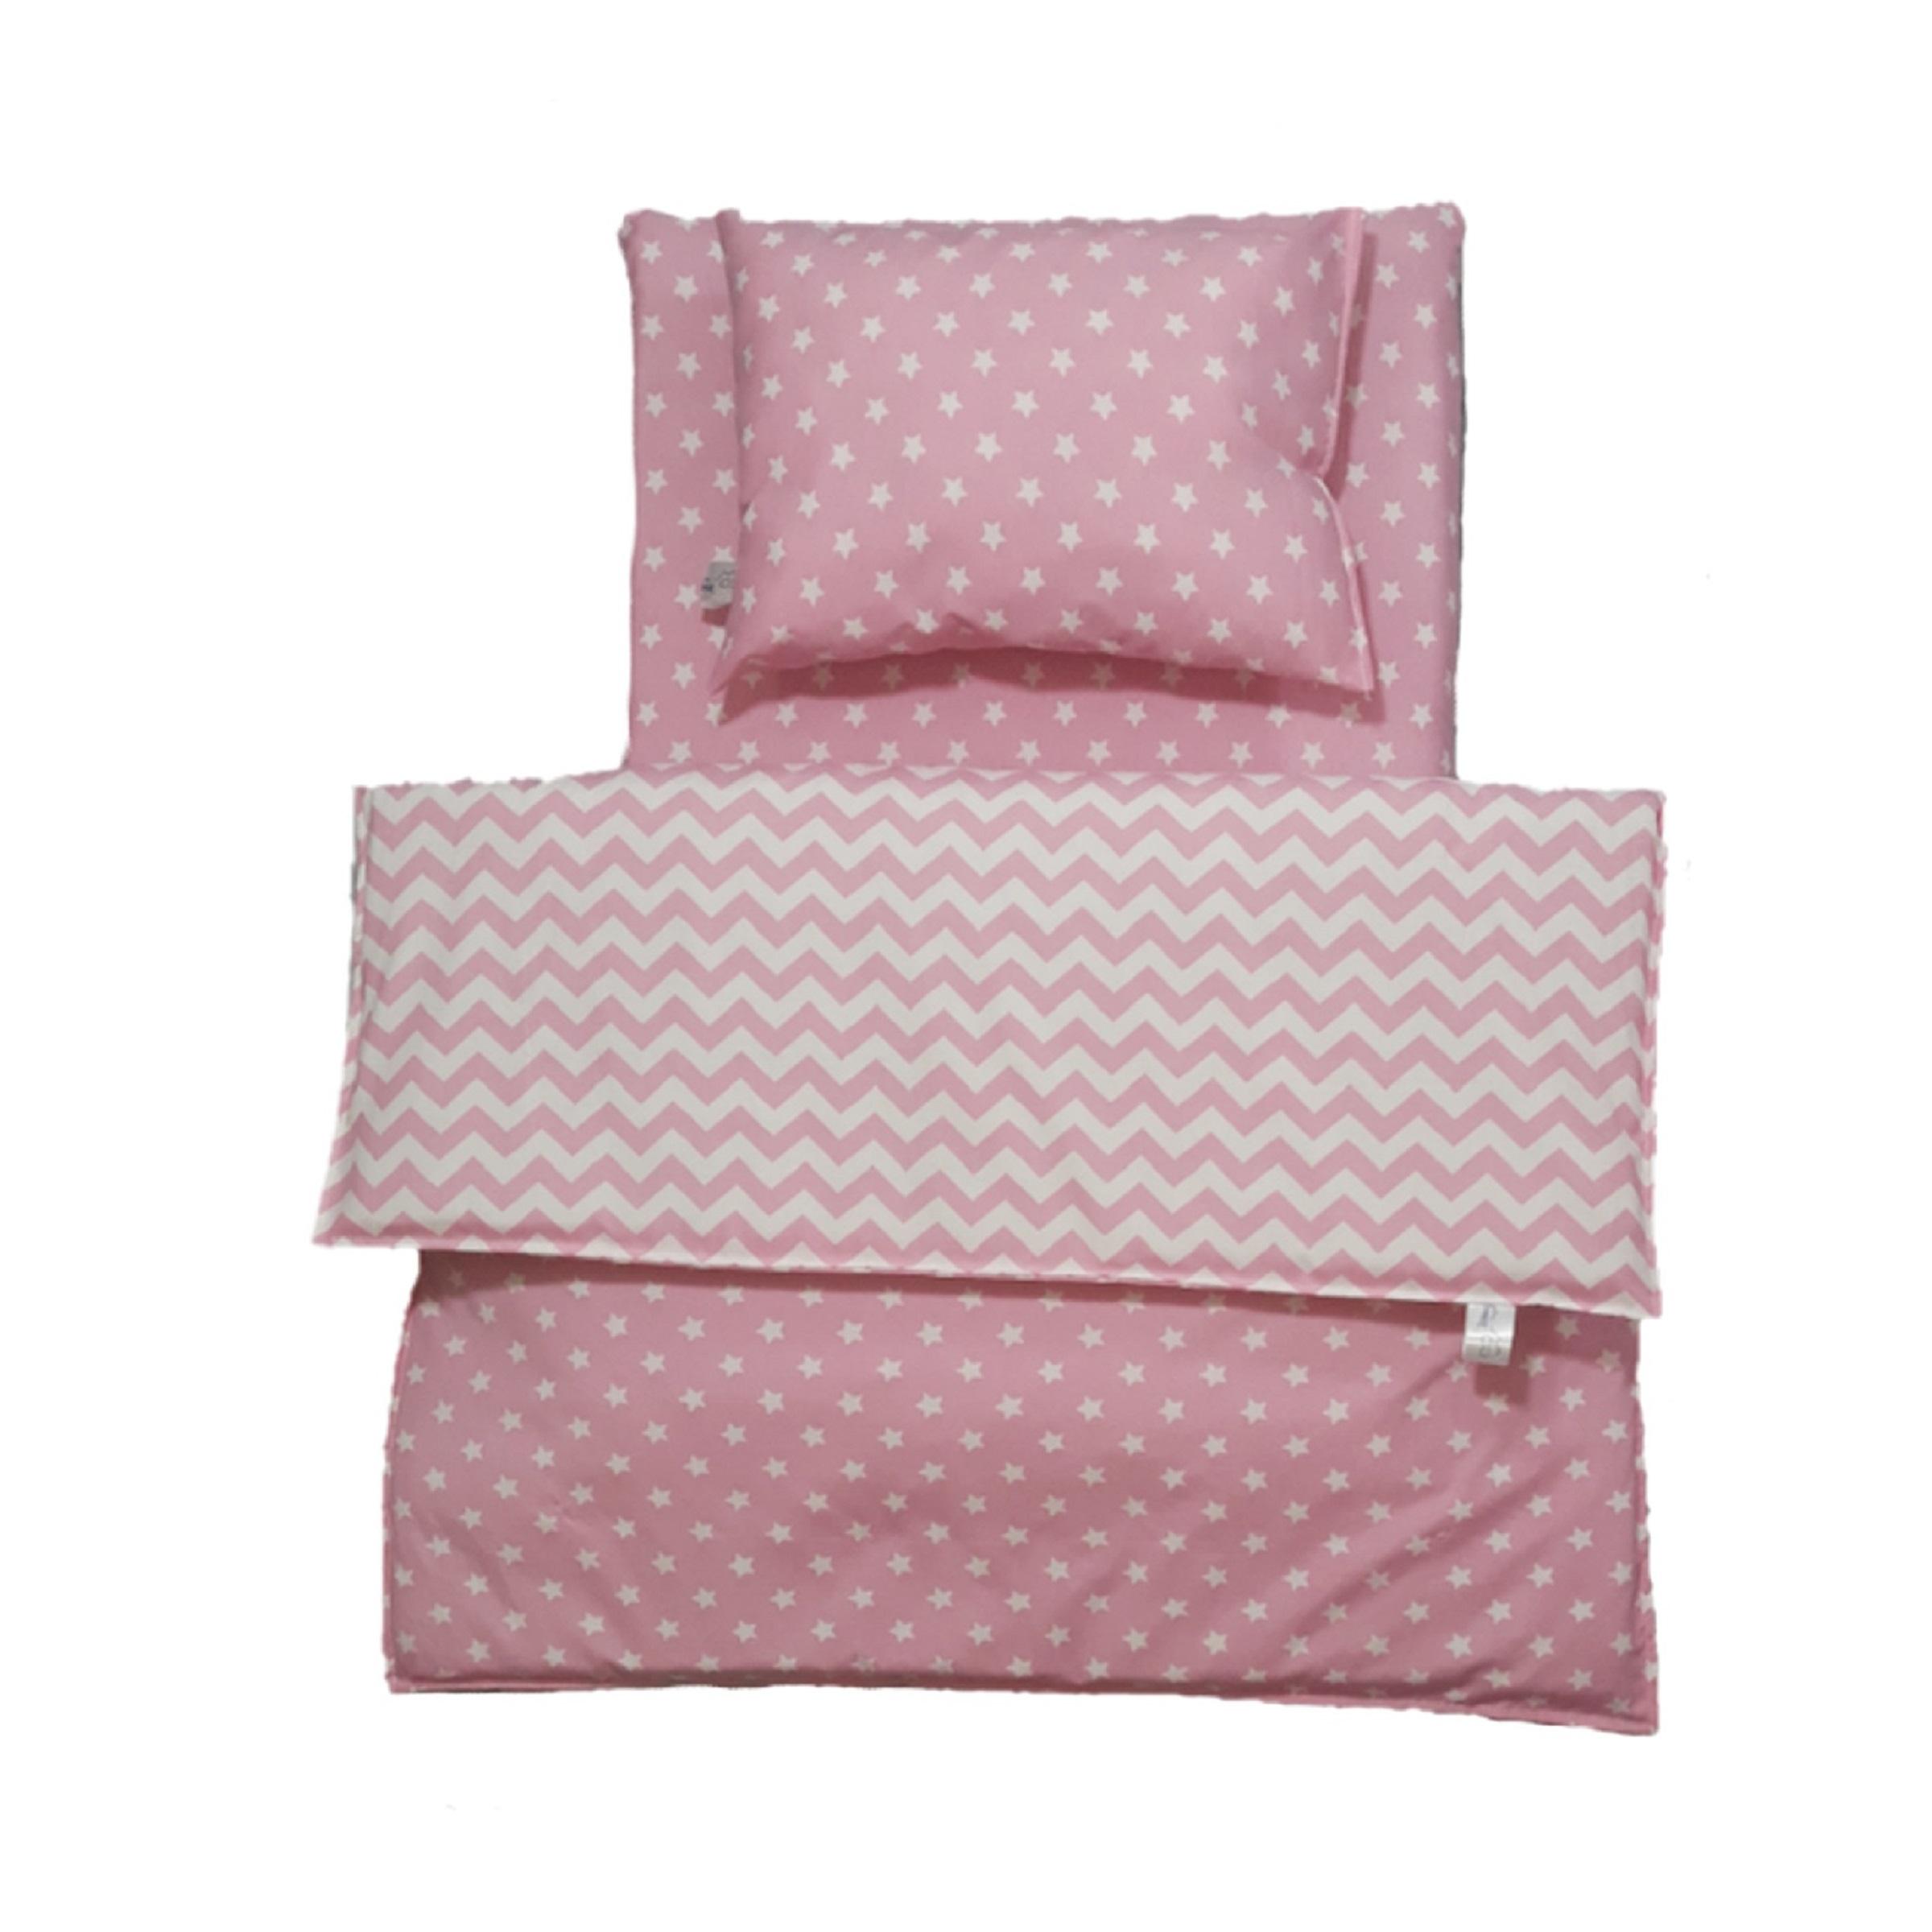 سرویس 3 تیکه خواب نوزادی غزال مدل 052